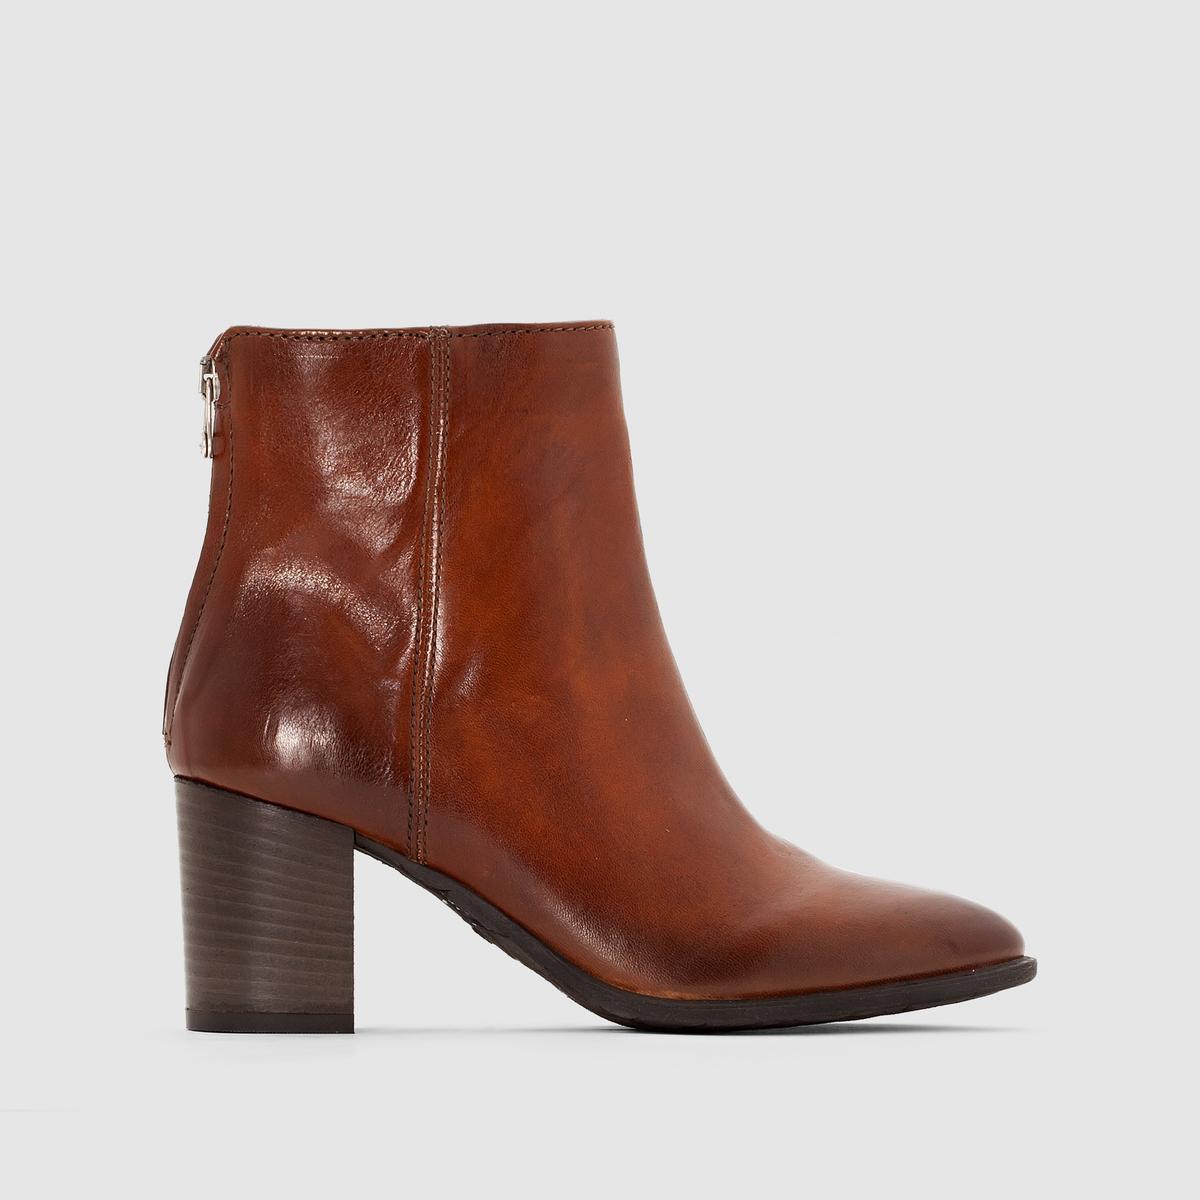 Сапоги из кожи MJUS LAVANDAПреимущества : сапоги MJUS с молнией сбоку и на каблуке  . Кожа с эффектом патины . Высокий каблук .<br><br>Цвет: серо-коричневый<br>Размер: 40